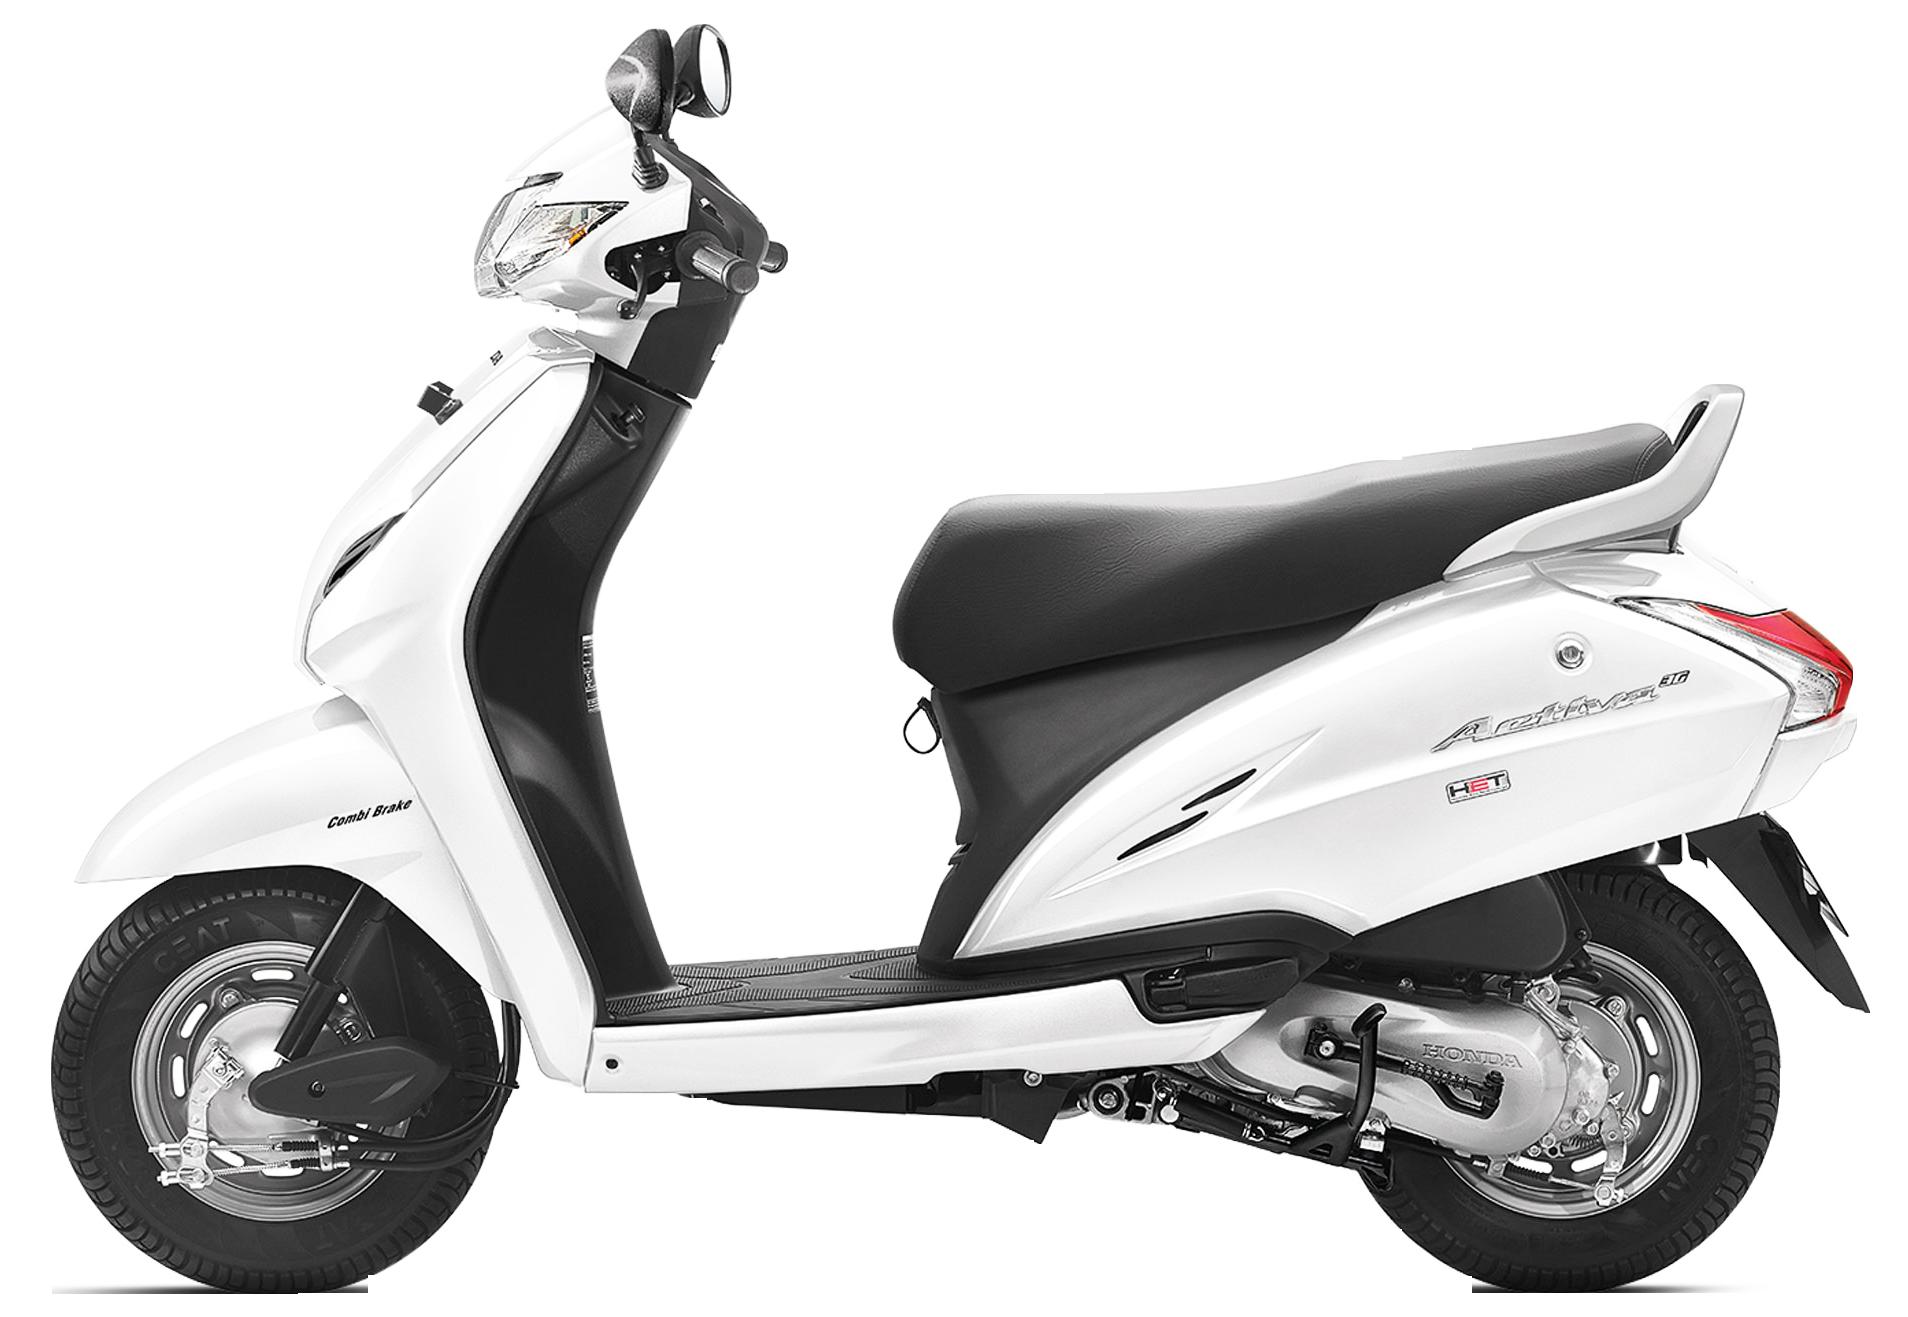 Honda Activa PNG Image